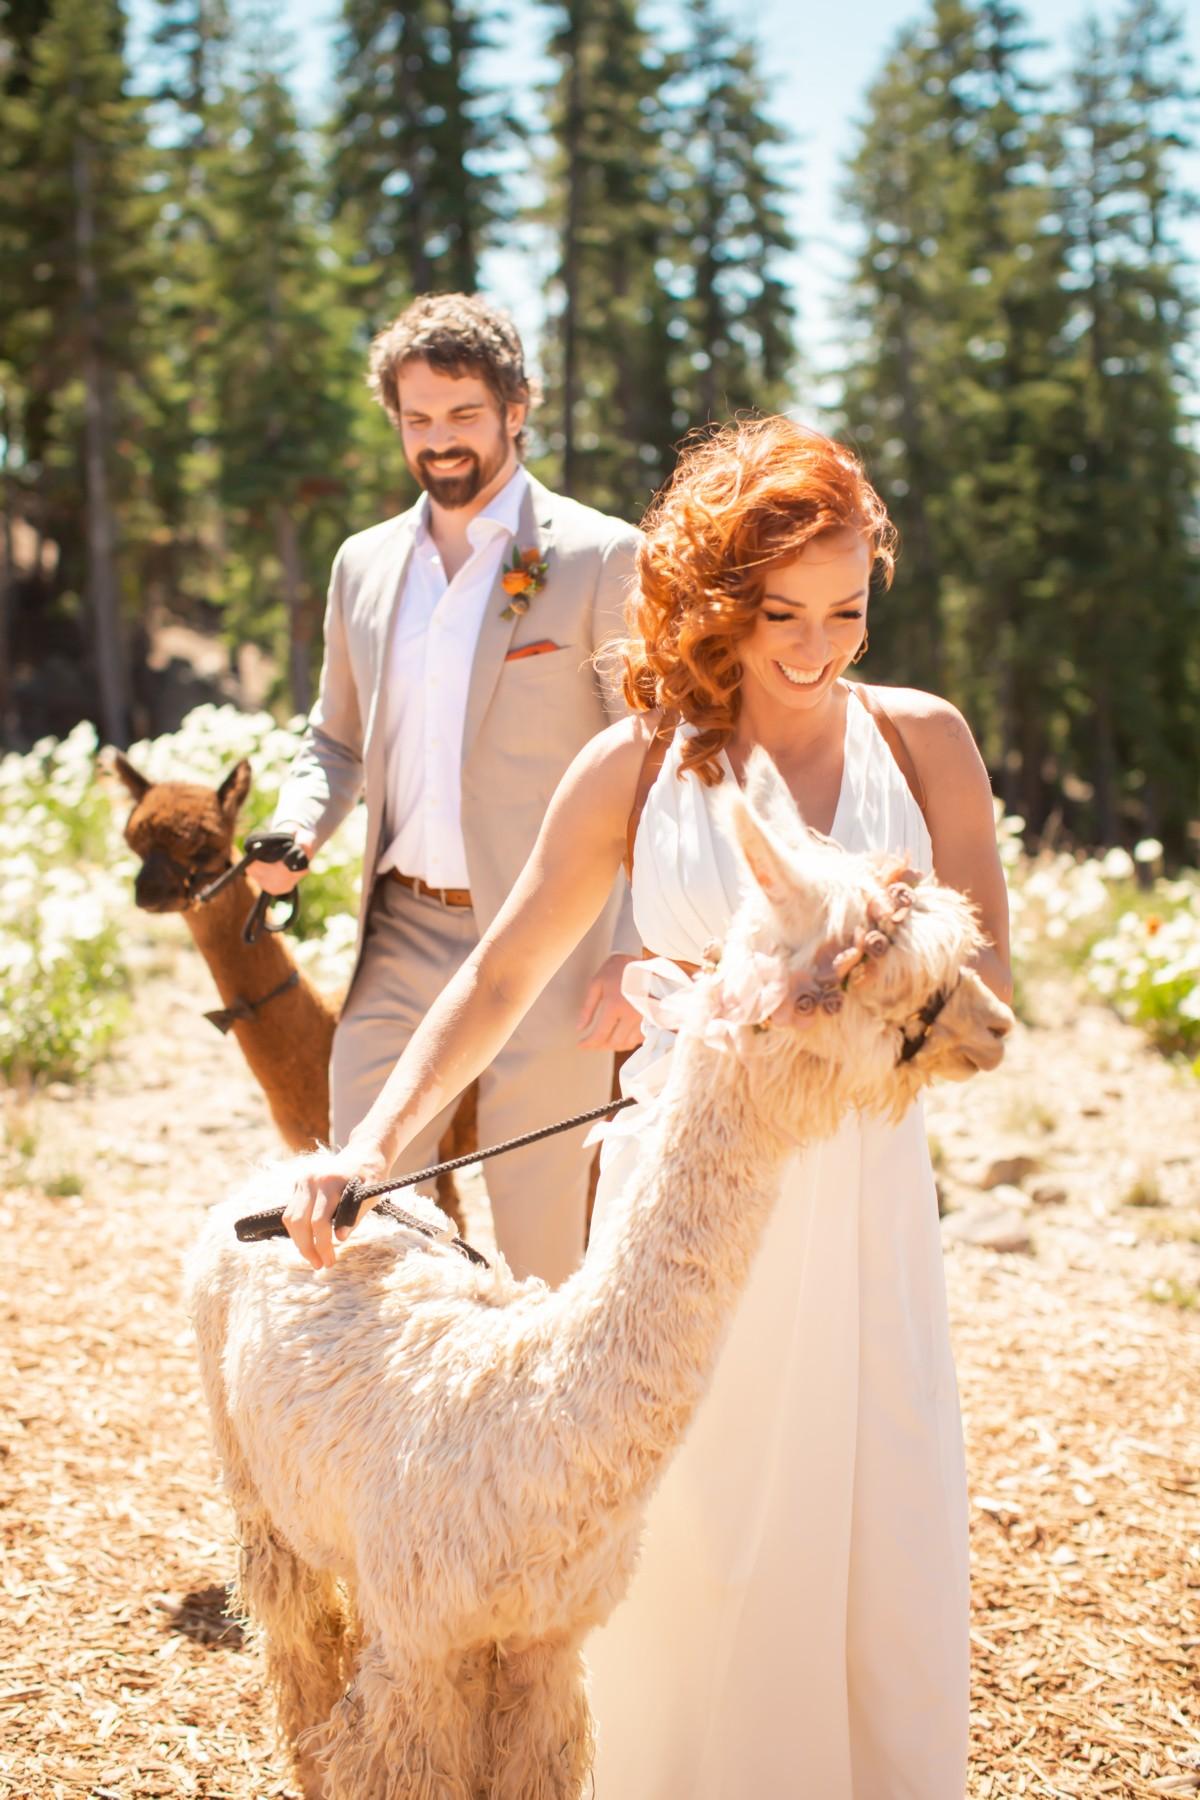 Nancy Rice Artistry - Lake Tahoe wedding hair & makeup - couple walking with llamas